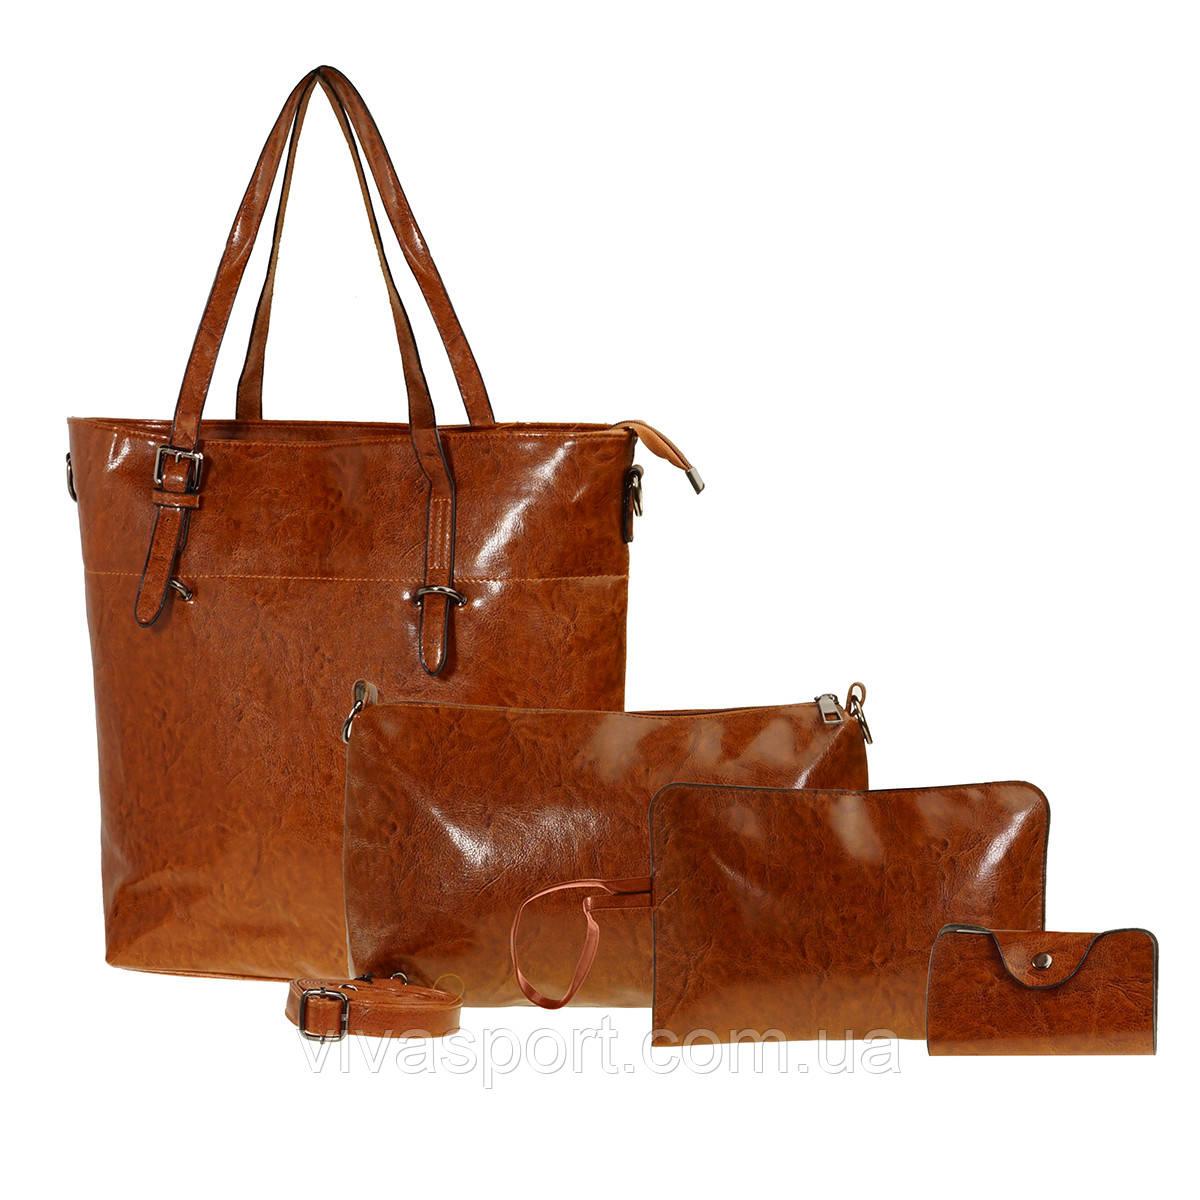 Набор женских сумок 4 шт.Коричневый